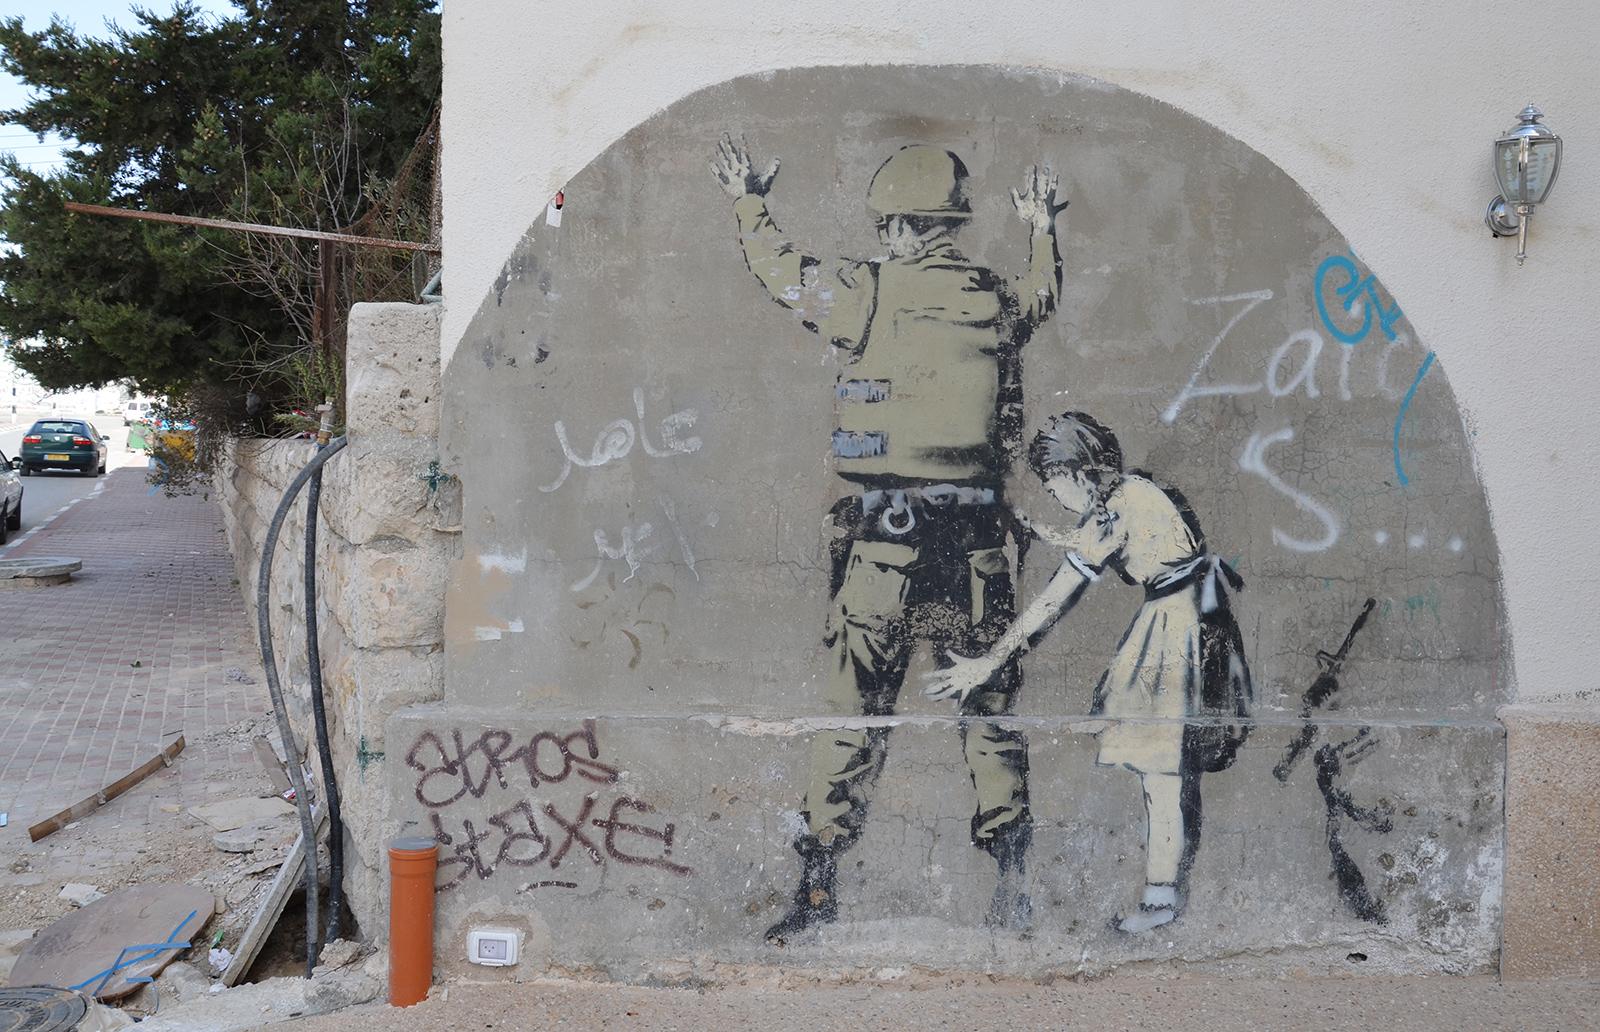 Dívka a voják v podání Banksyho, Betlém, západní Břeh